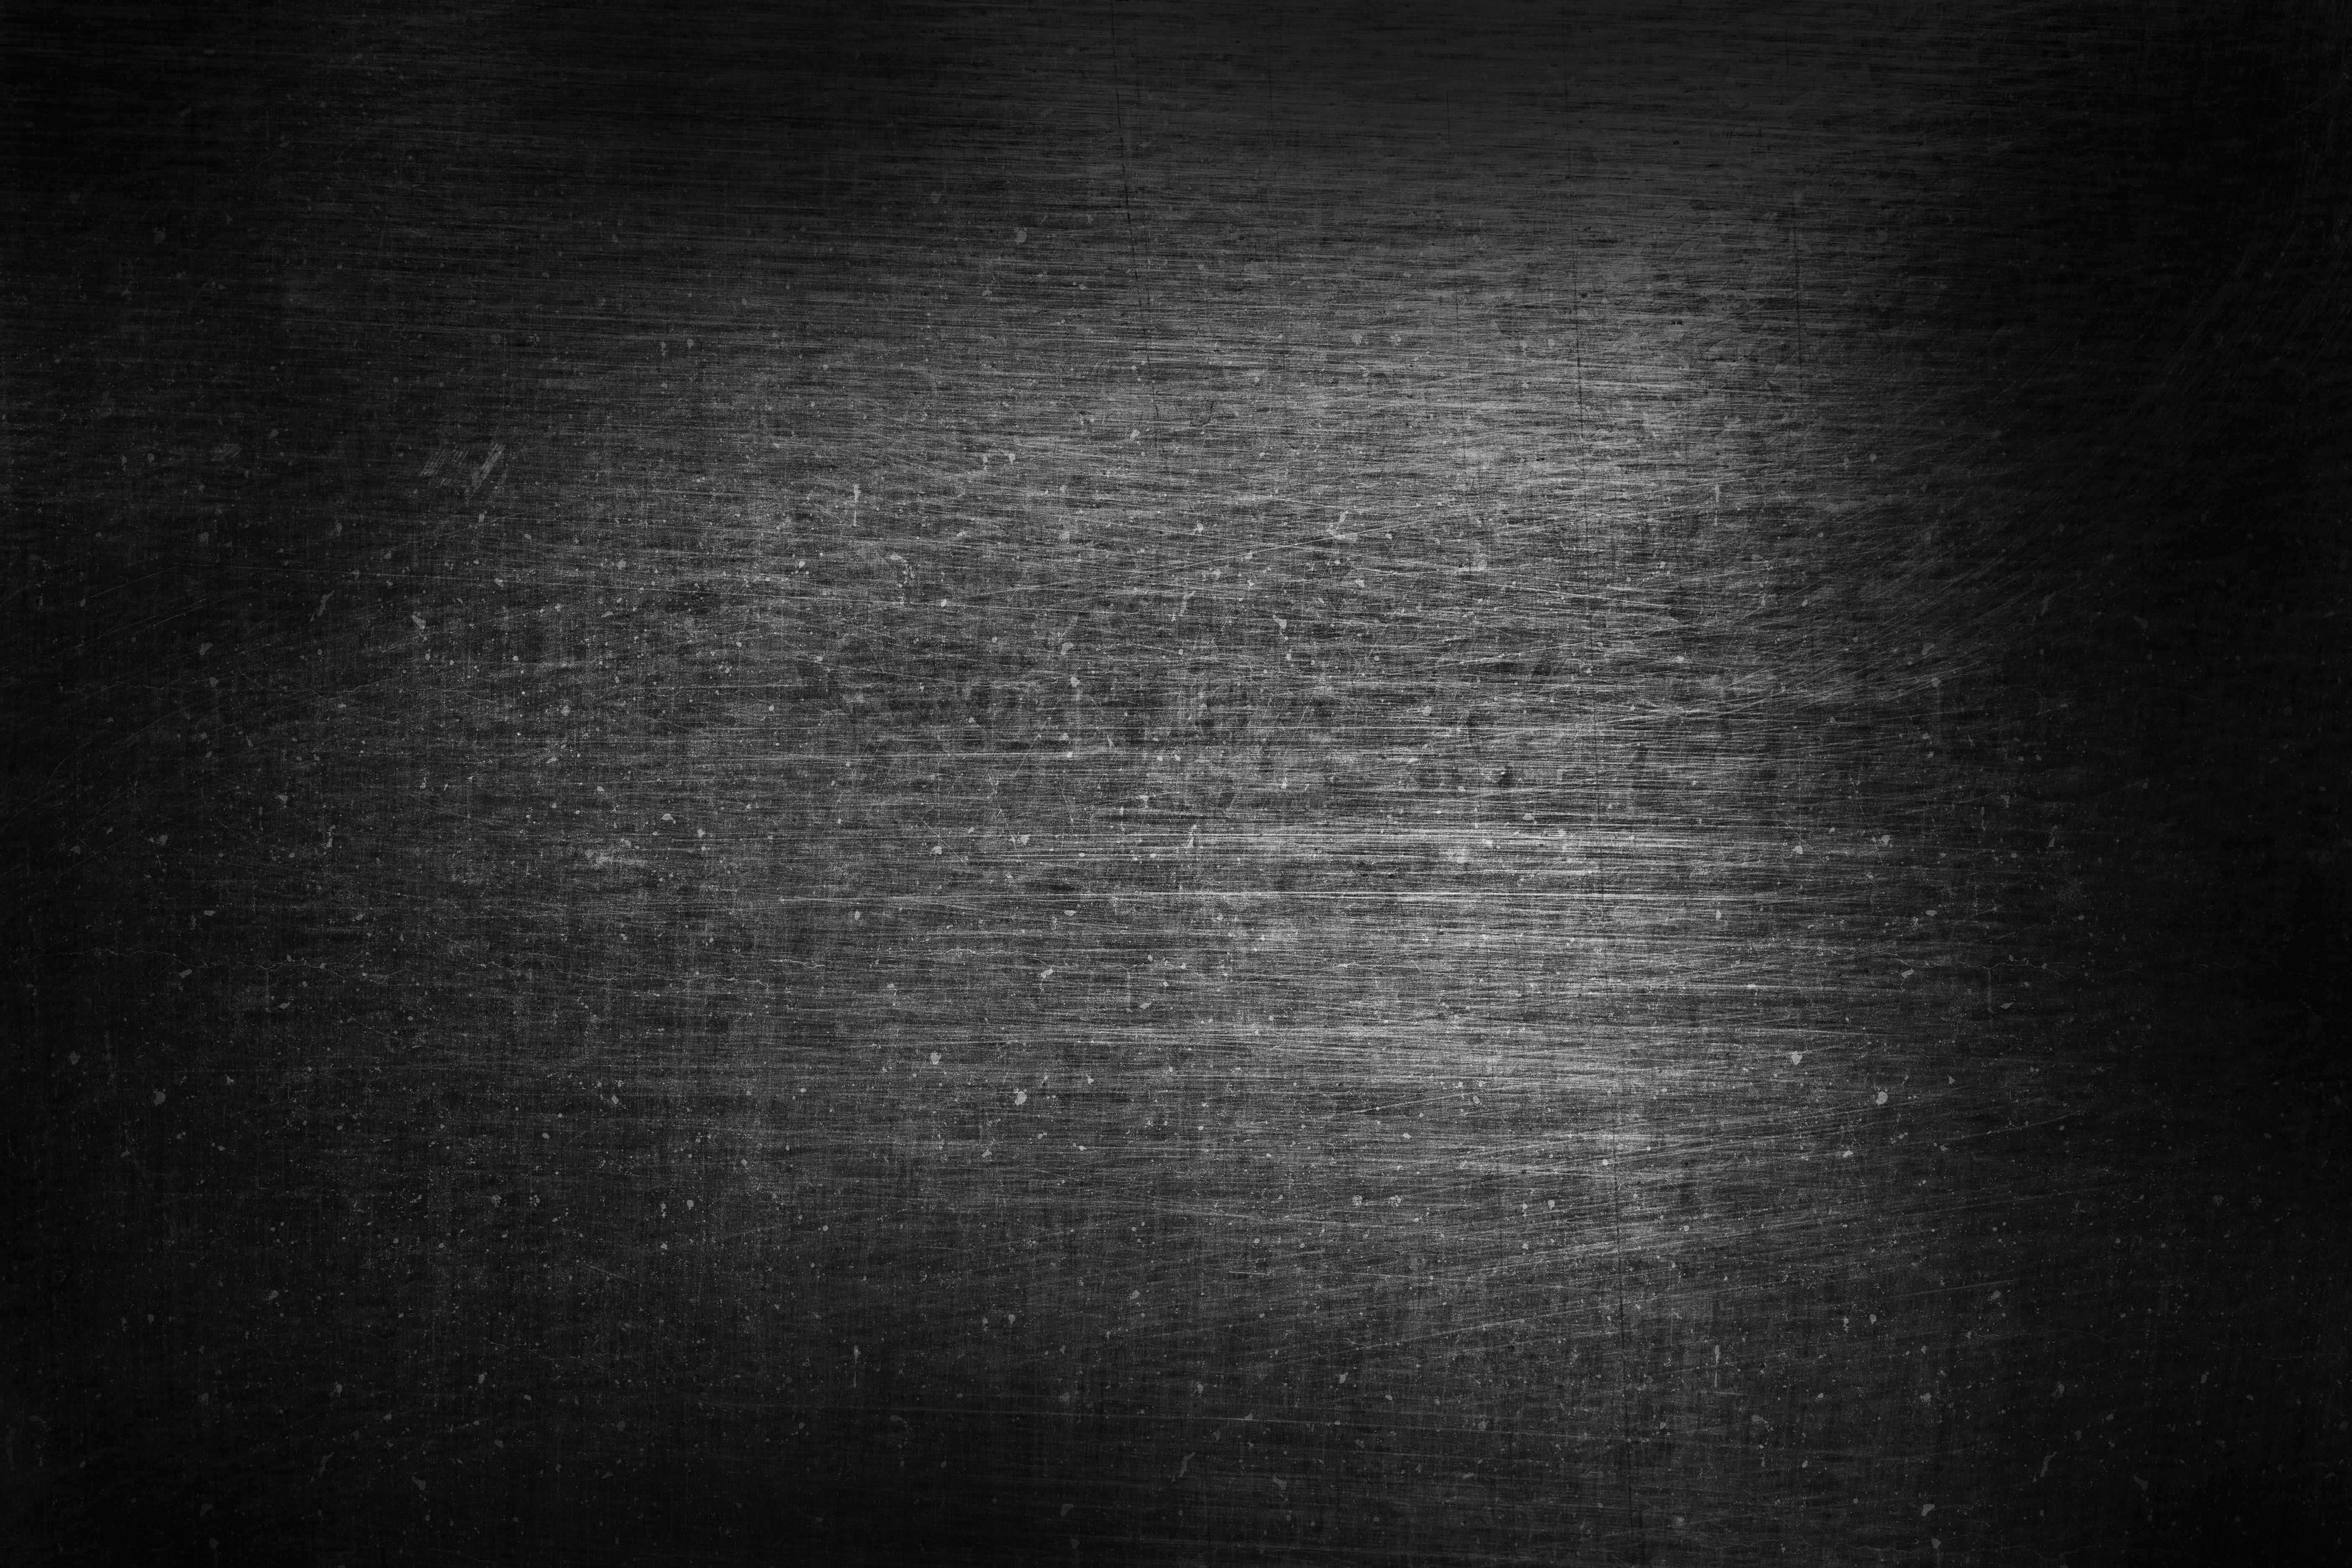 Dark Metal Grunge Textures